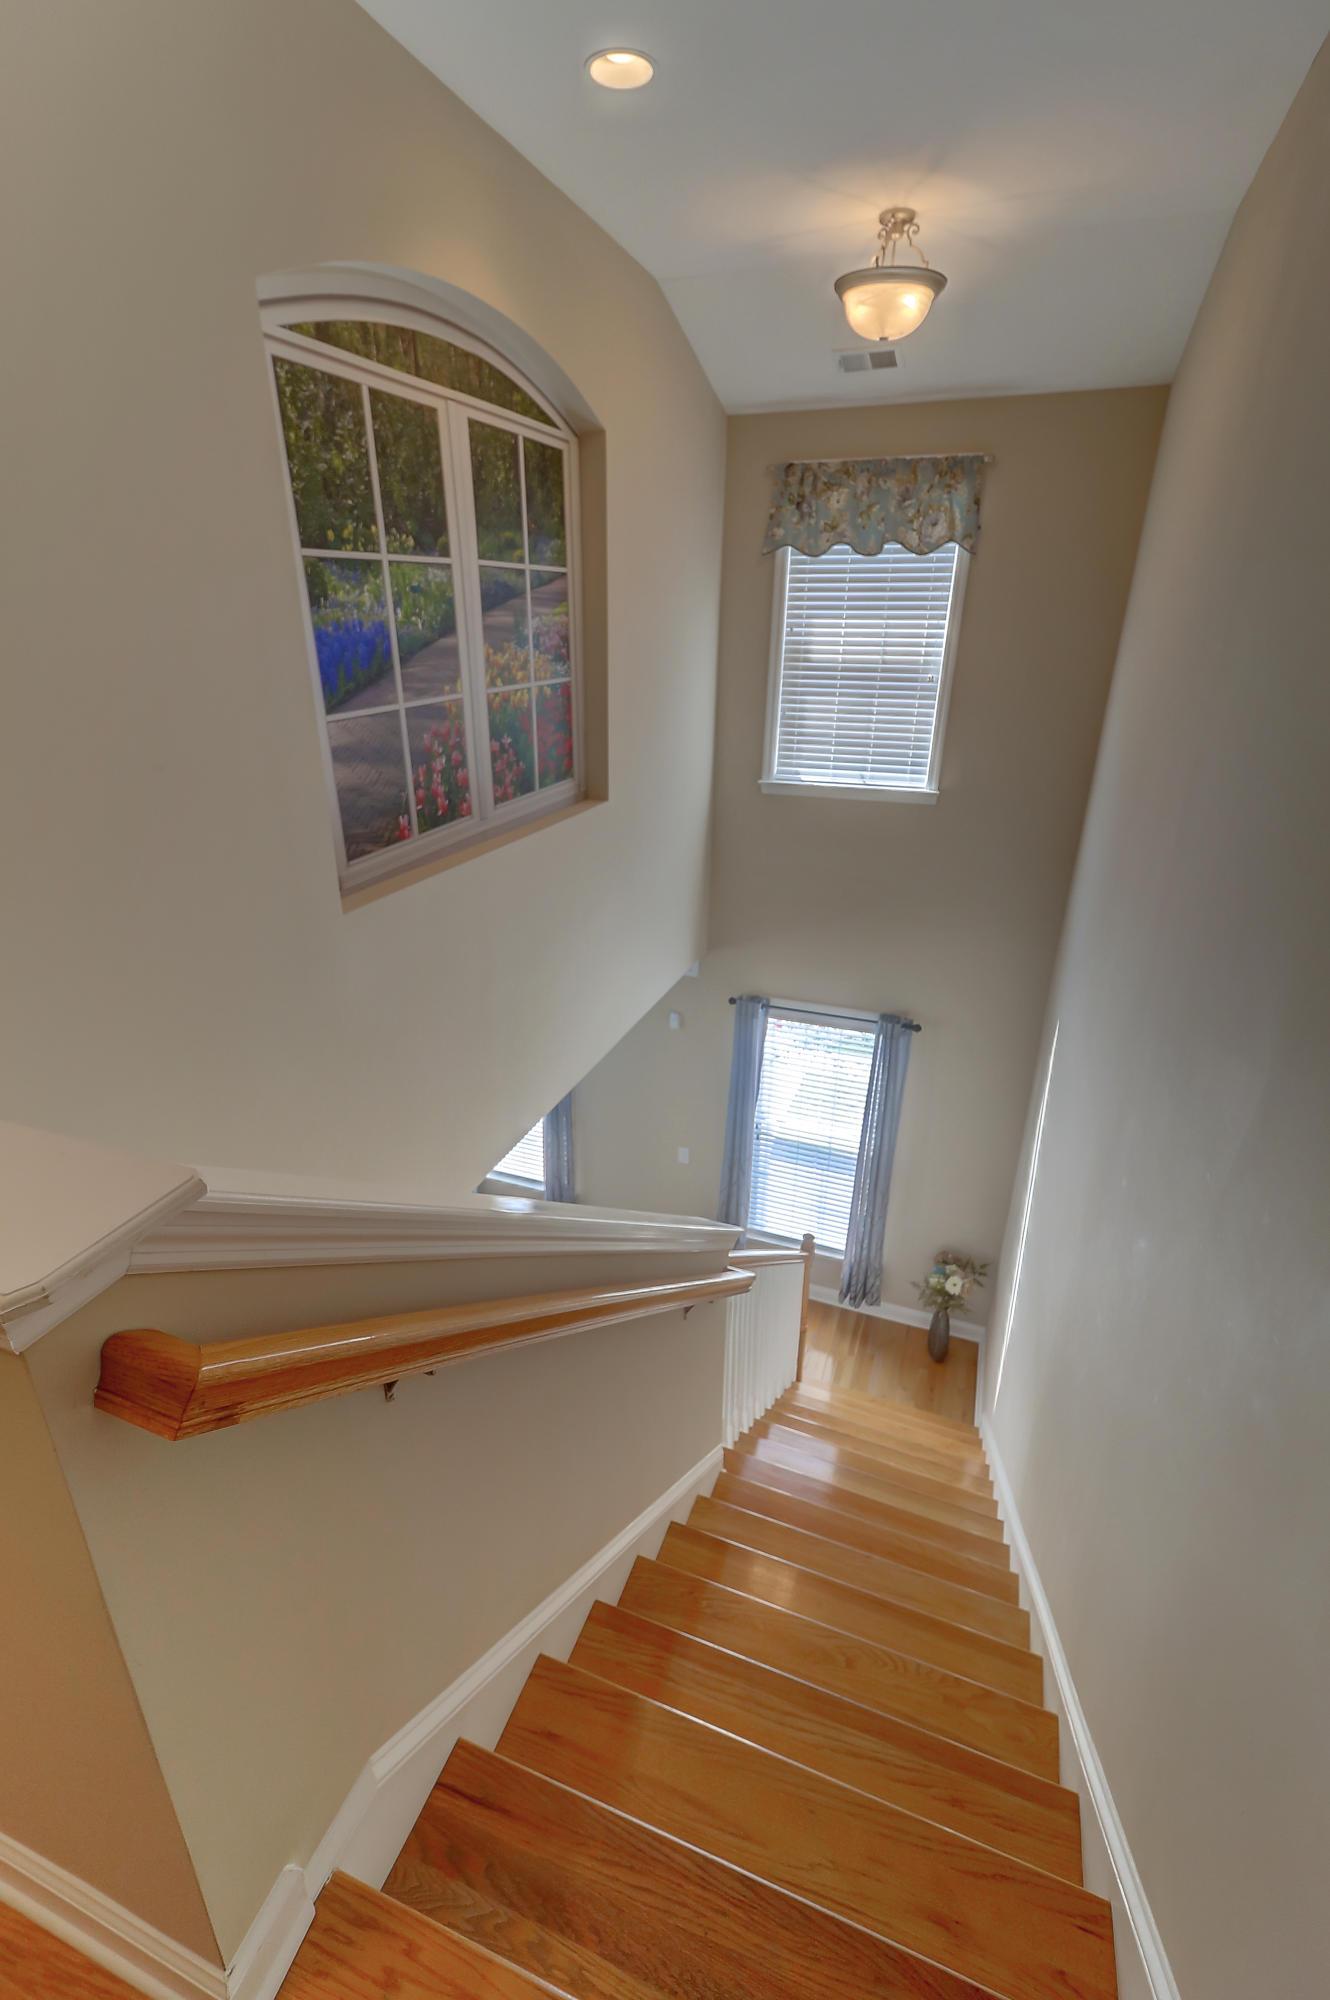 Dunes West Homes For Sale - 112 Palm Cove, Mount Pleasant, SC - 38